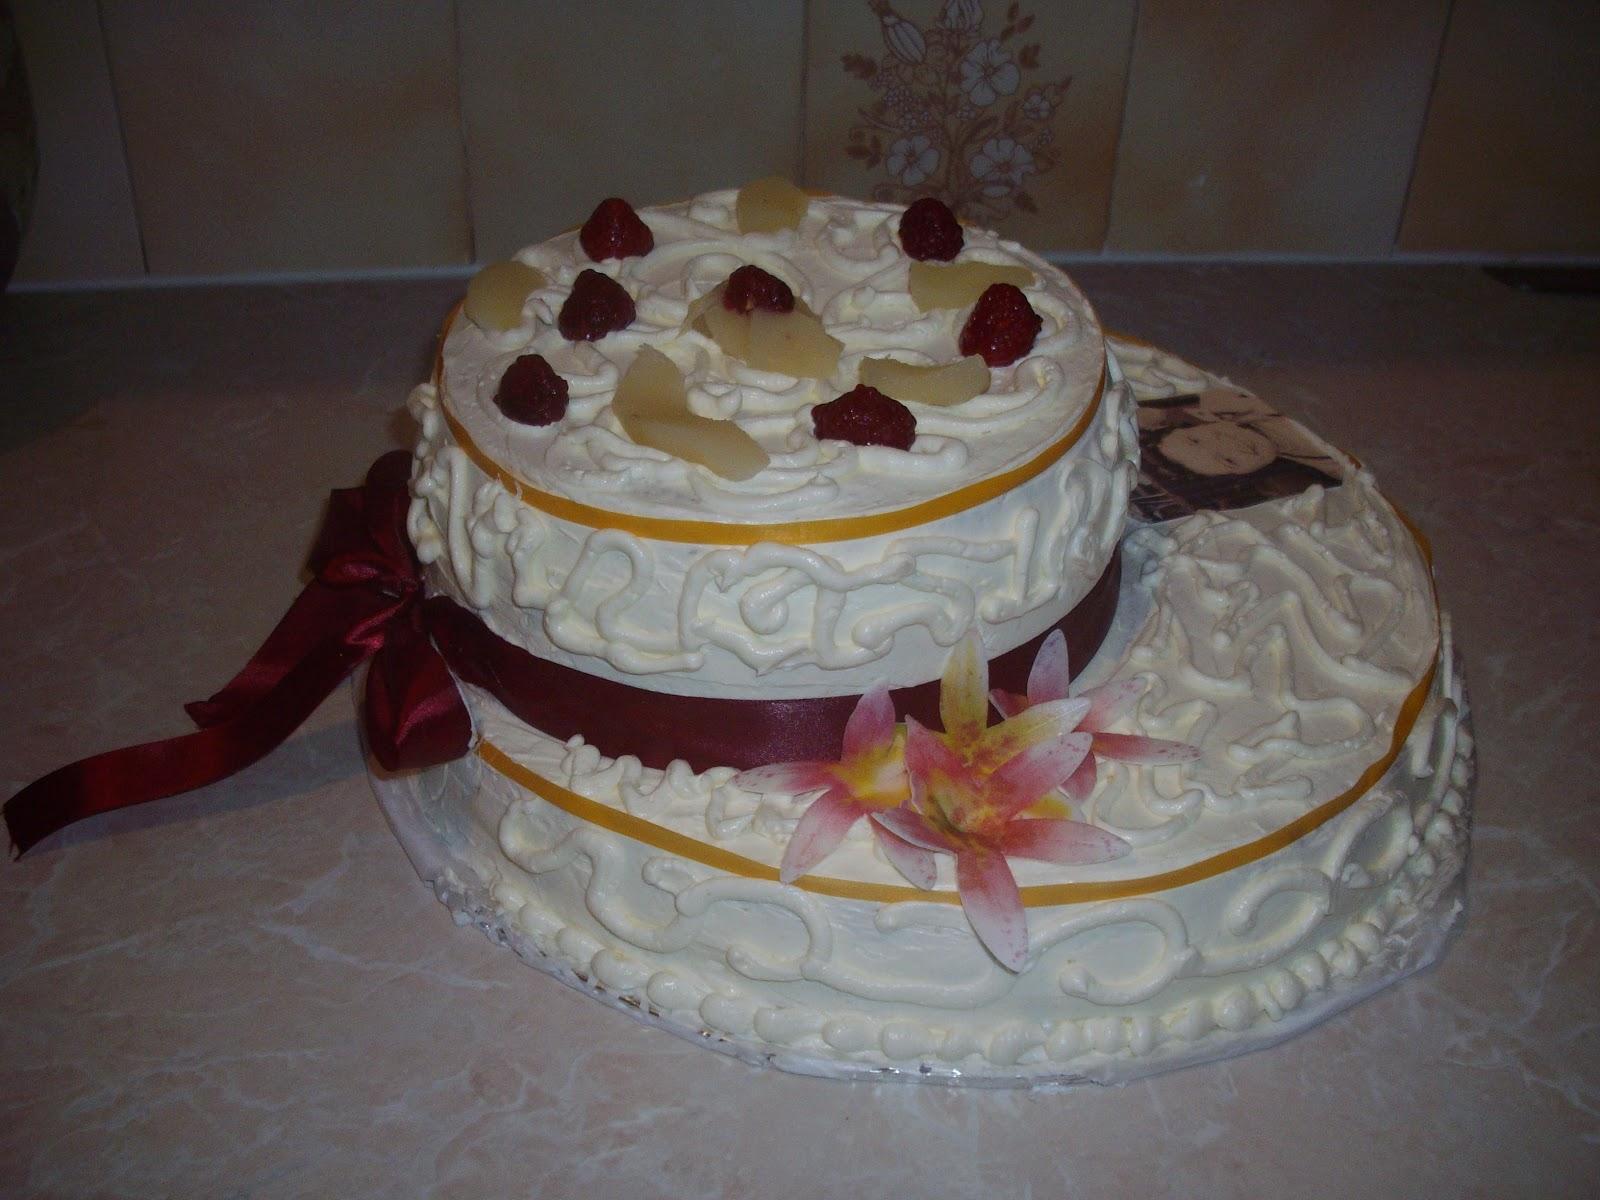 ... .blogspot.com/2012/07/gateaux-de-mariage-haitien.html